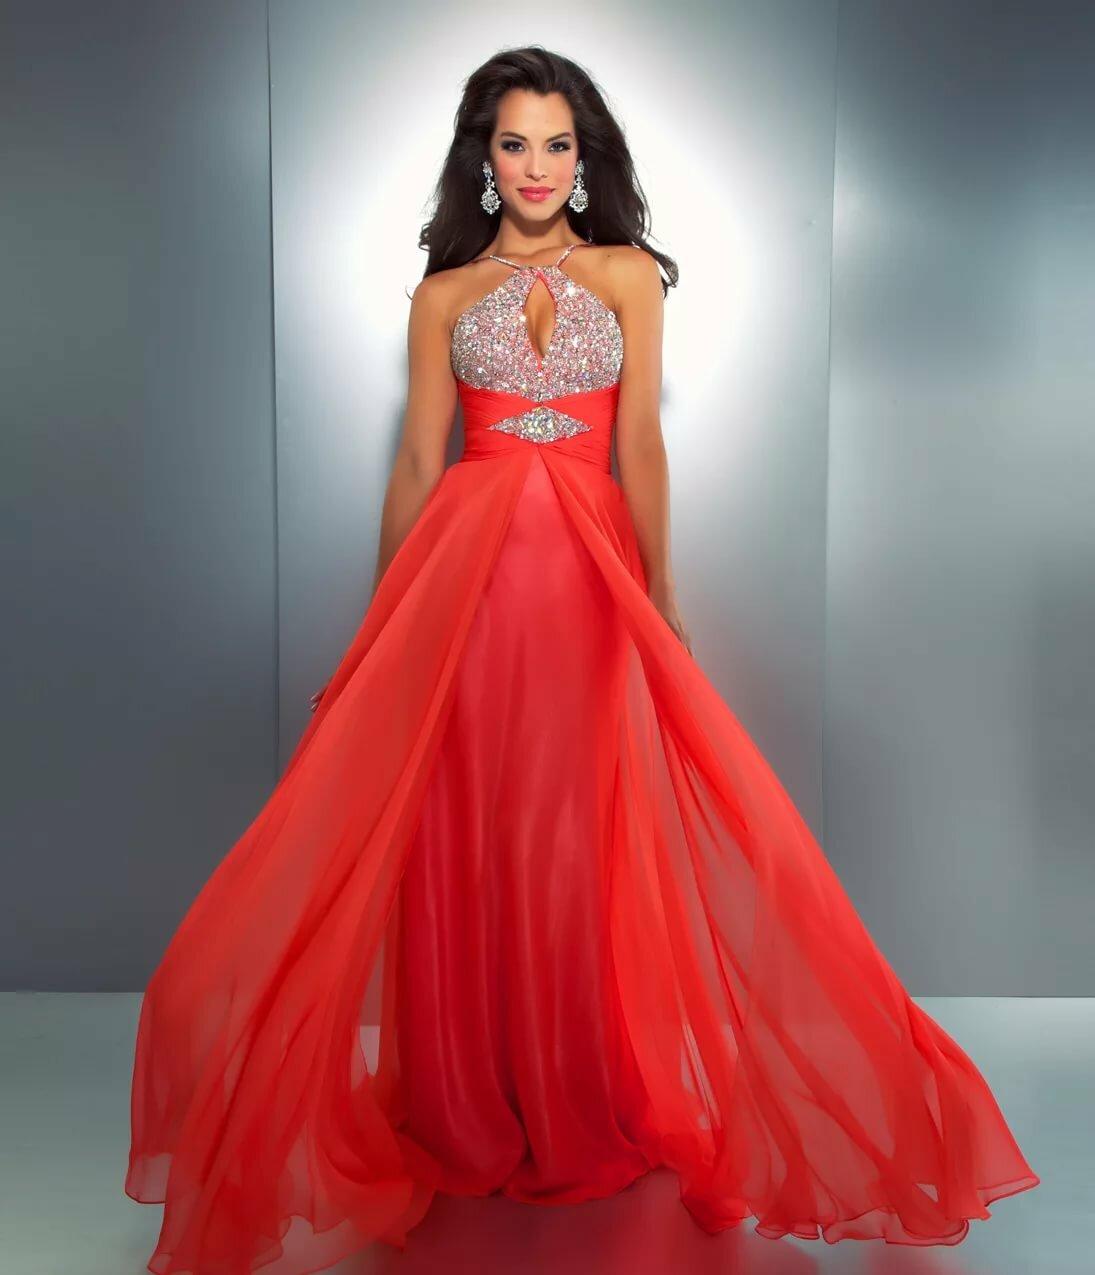 время самые красивые платья мира фото вечерние смотрела программу